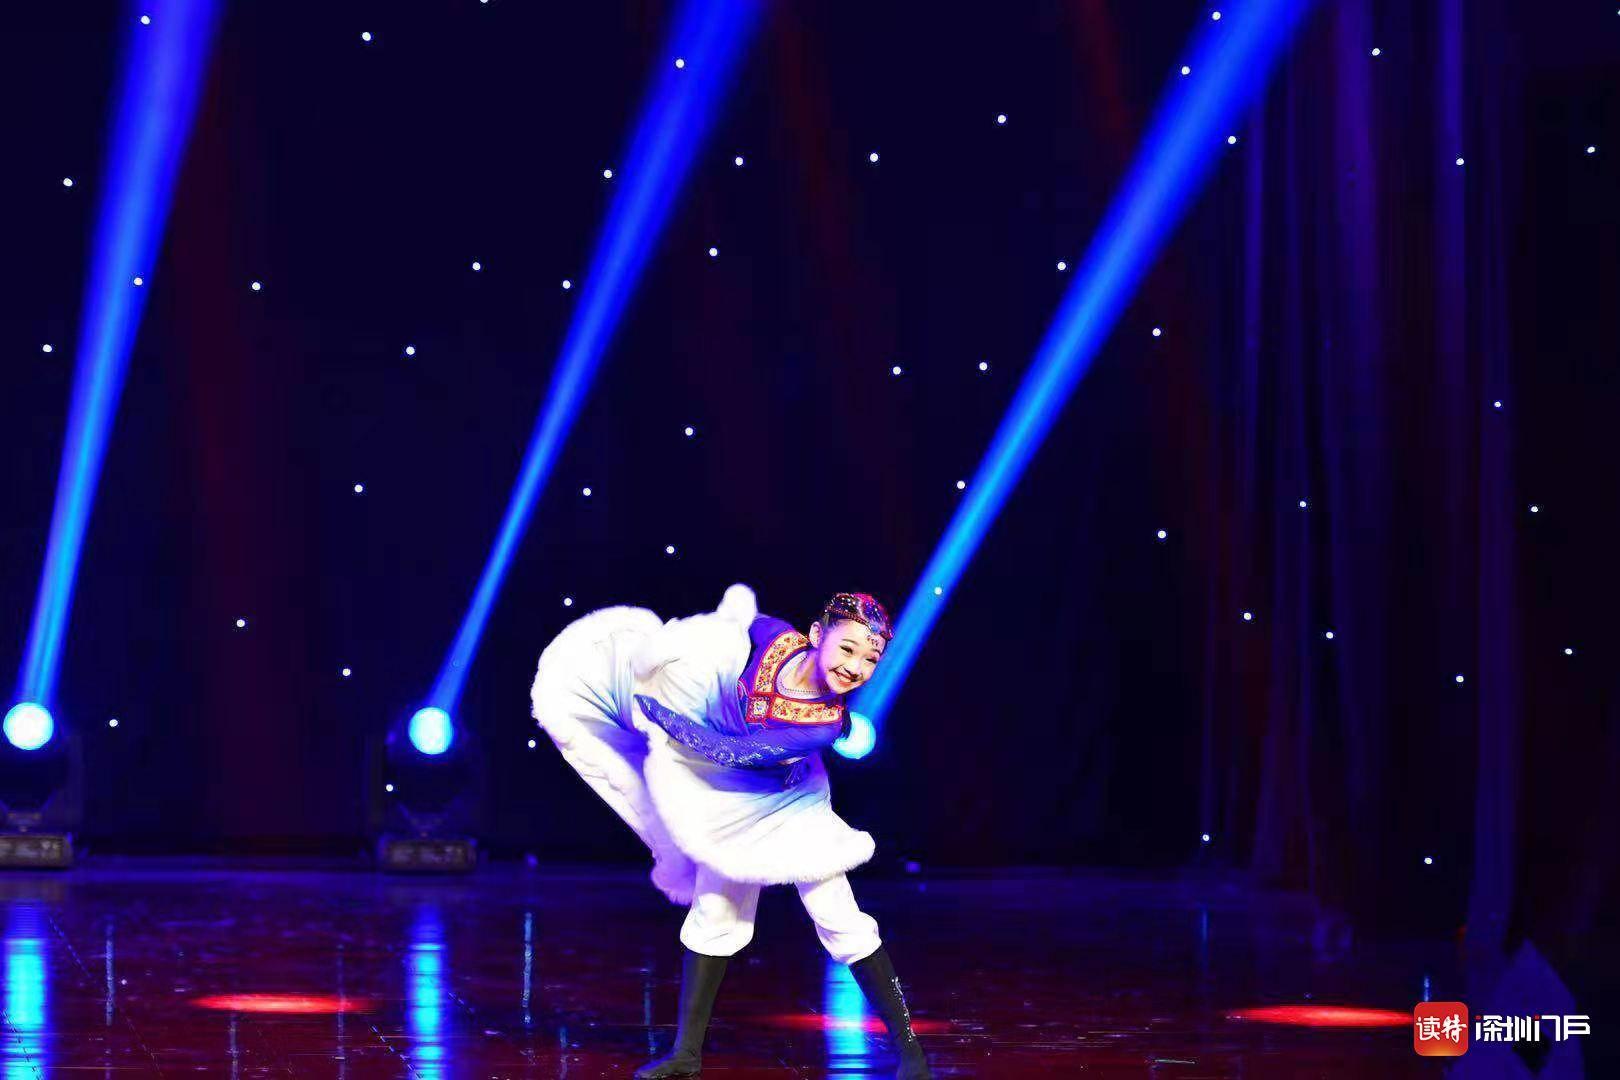 11个舞蹈剧目全获金奖!深圳市罗湖舞蹈学会这个会员单位真牛!